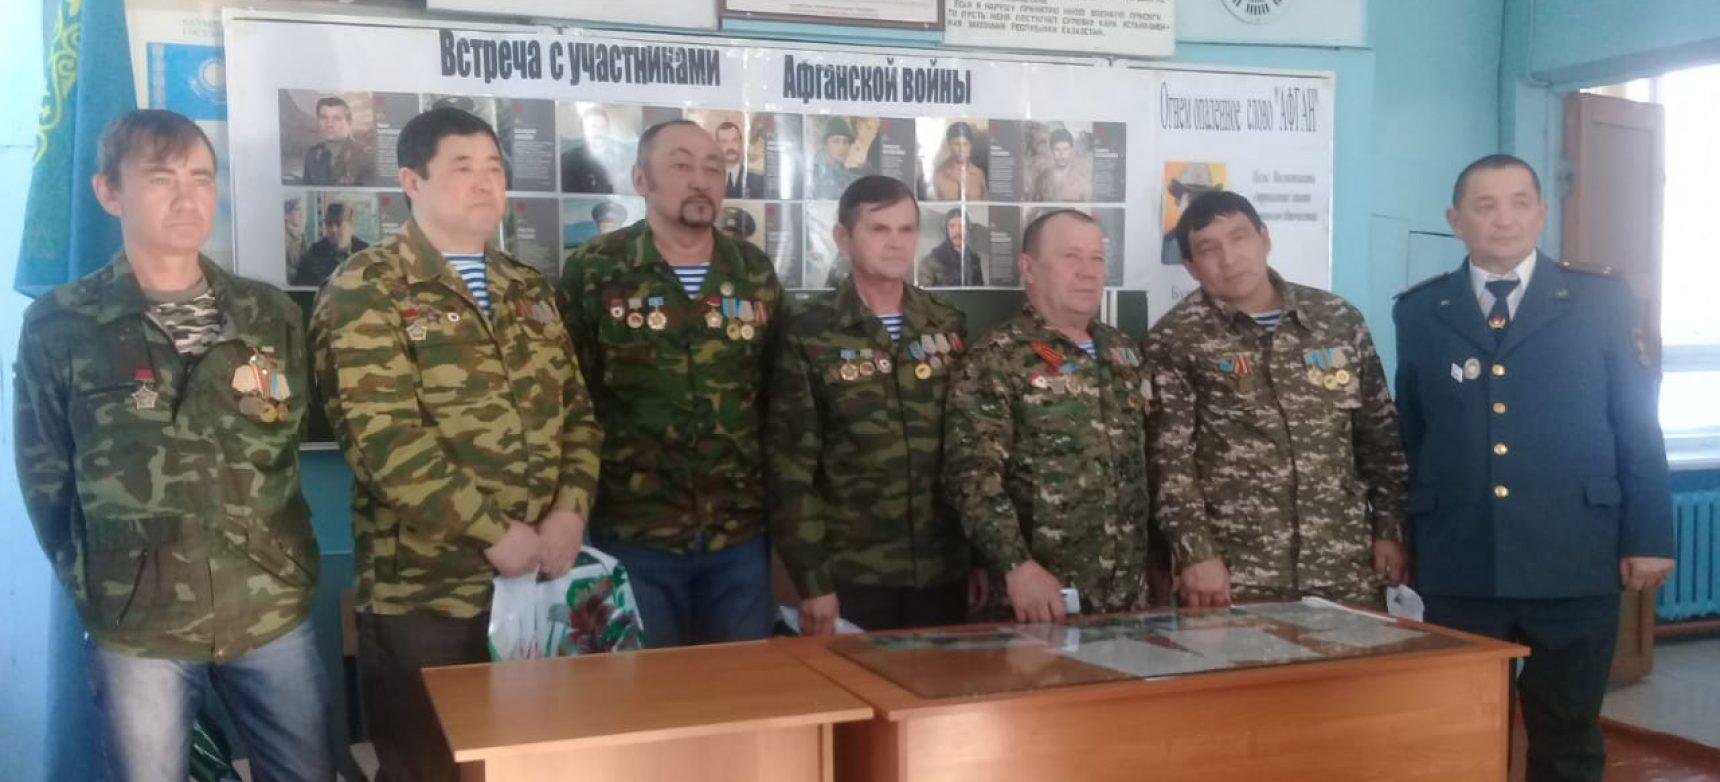 Встреча с воинами-интернационалистами